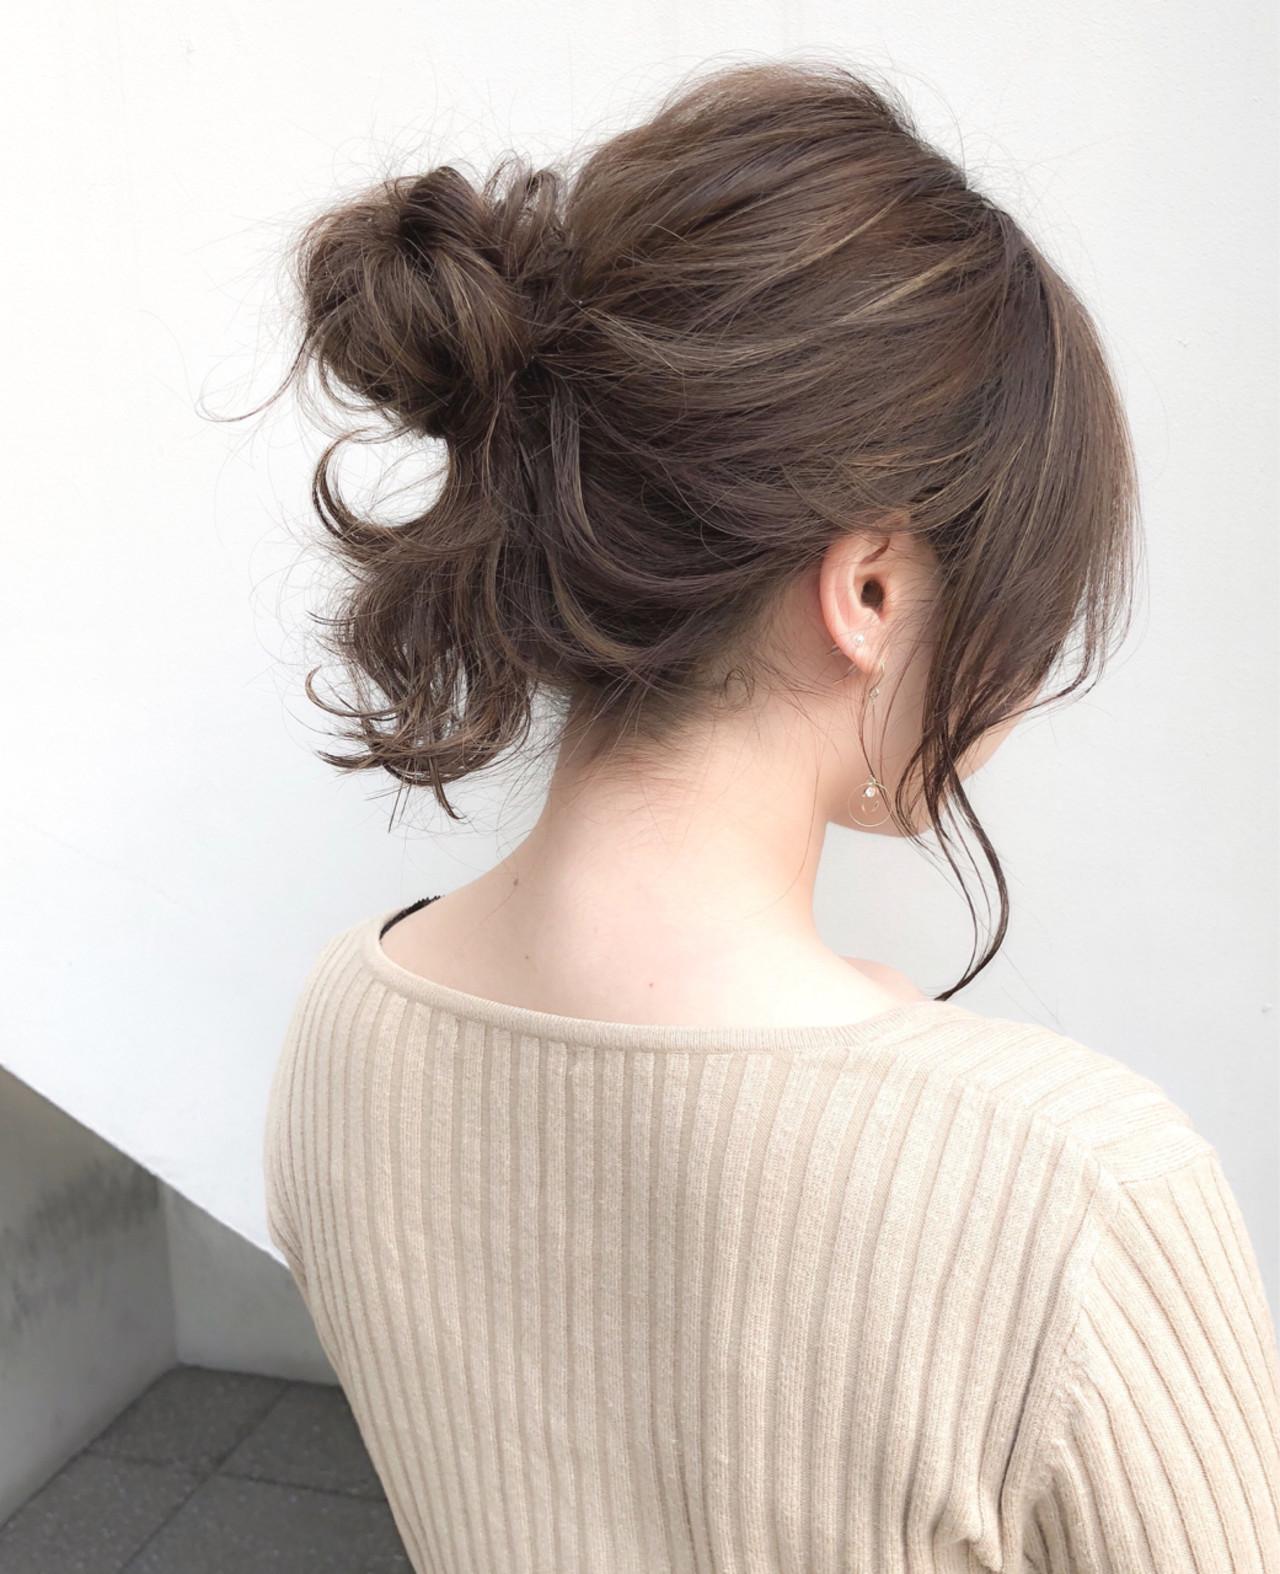 簡単ヘアアレンジ ミディアム お団子 フェミニン ヘアスタイルや髪型の写真・画像